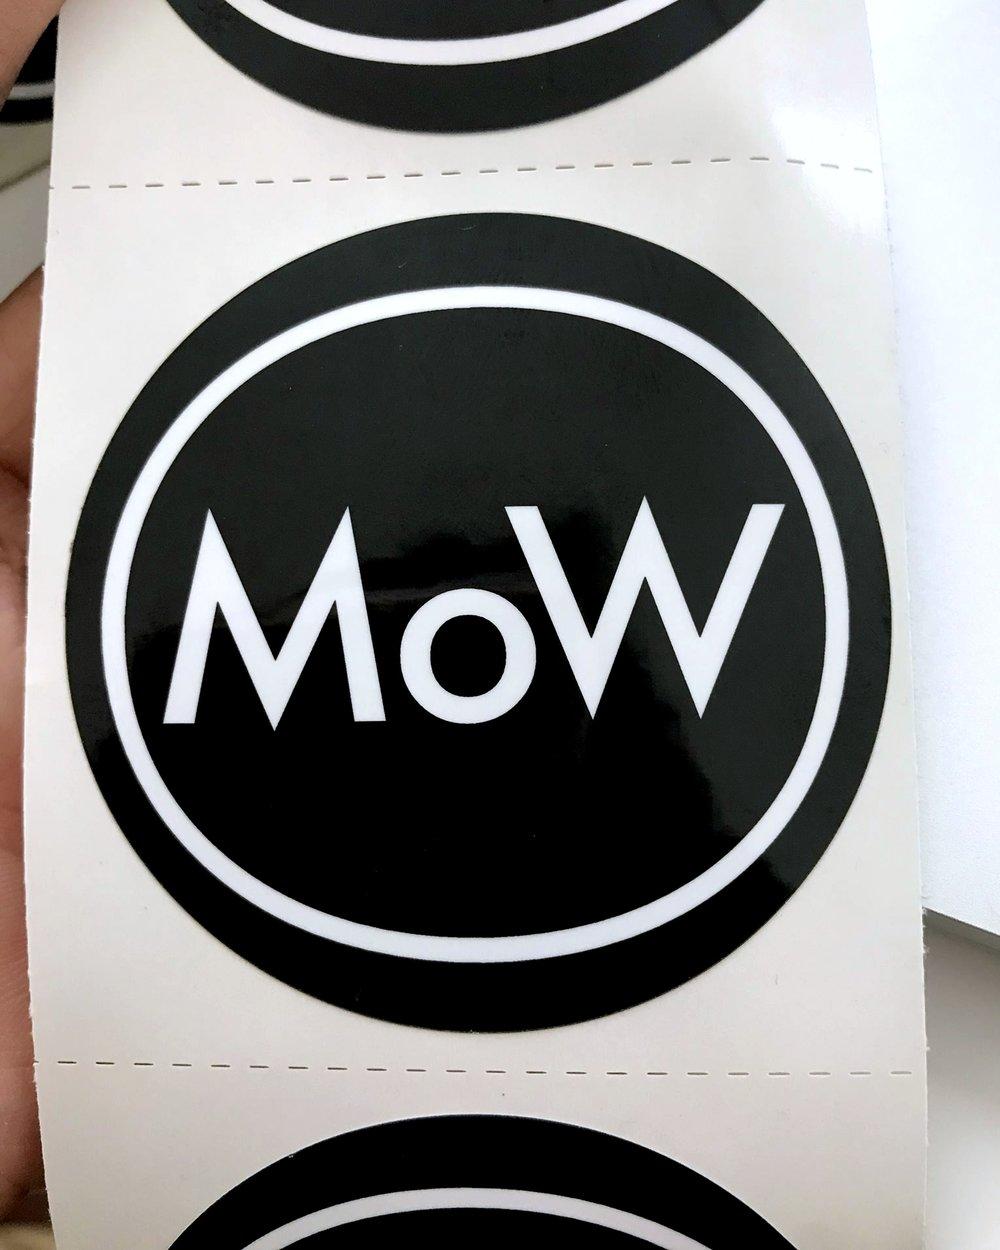 mowsticker2.jpg